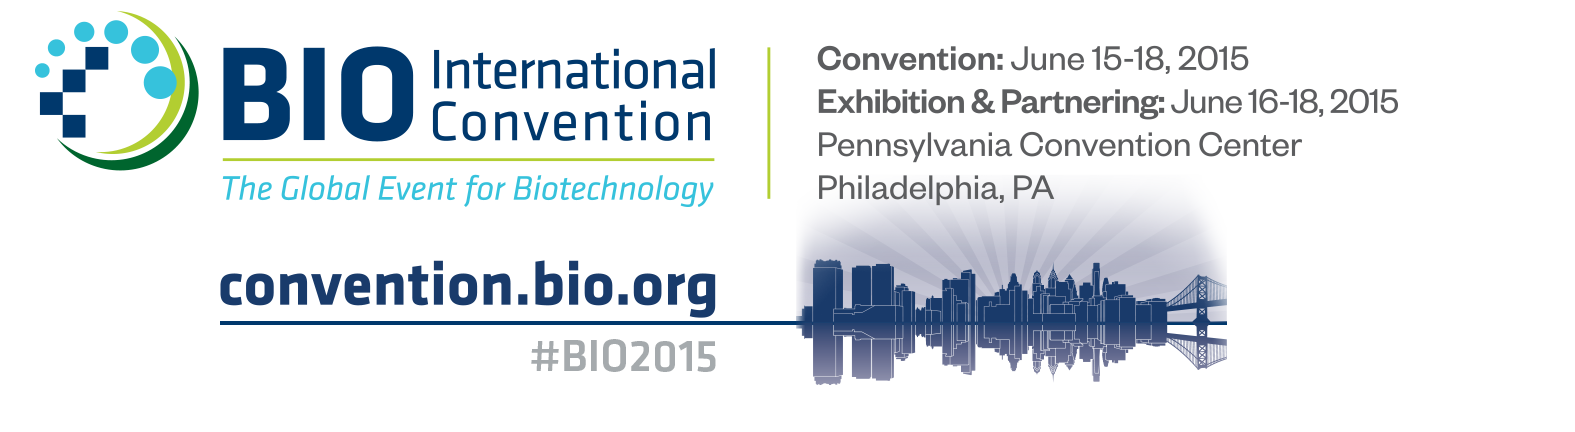 bio_convention_banner2015